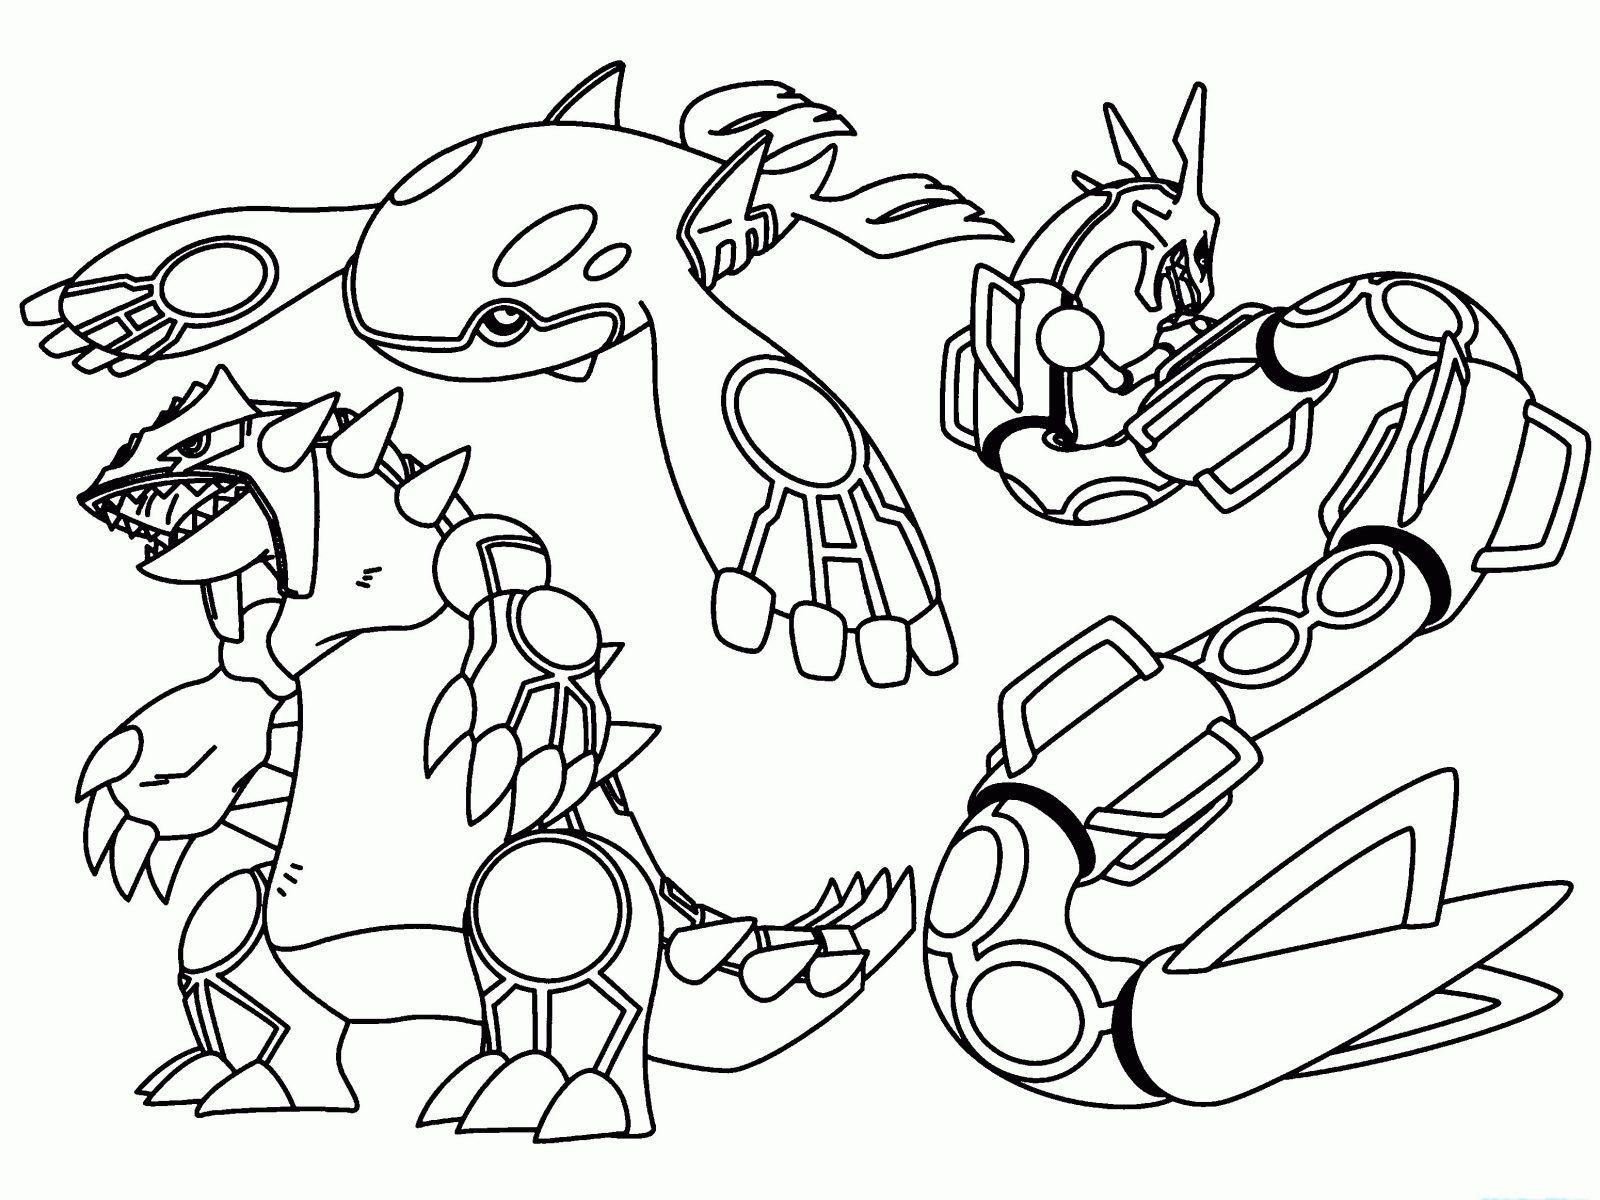 Legendary Pokemon Coloring Pages Unique Mandala Pokemon Ausdrucken In 2020 Pokemon Coloring Pages Cartoon Coloring Pages Coloring Pages